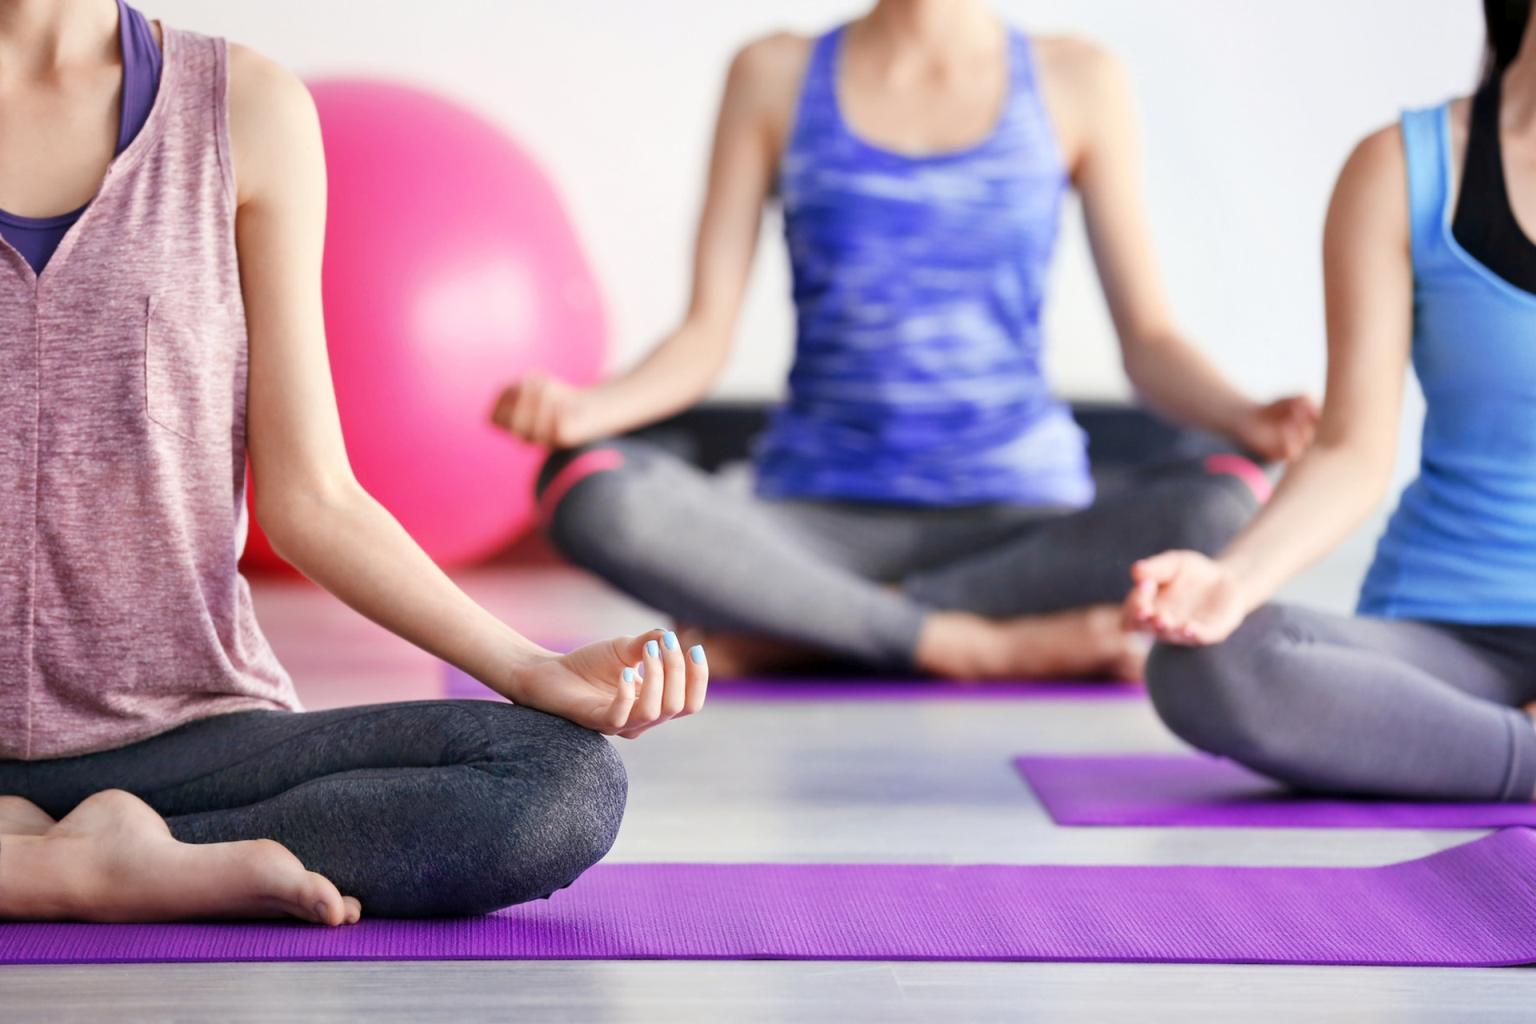 Joga - ćwiczenia dla początkujących bez kondycji, które niwelują stres, a w połączeniu ze zbilansowaną dietą bogatą w sterole roślinne oraz witaminę K i D wspierają obniżanie cholesterolu oraz wzmacniają kości i stawy.